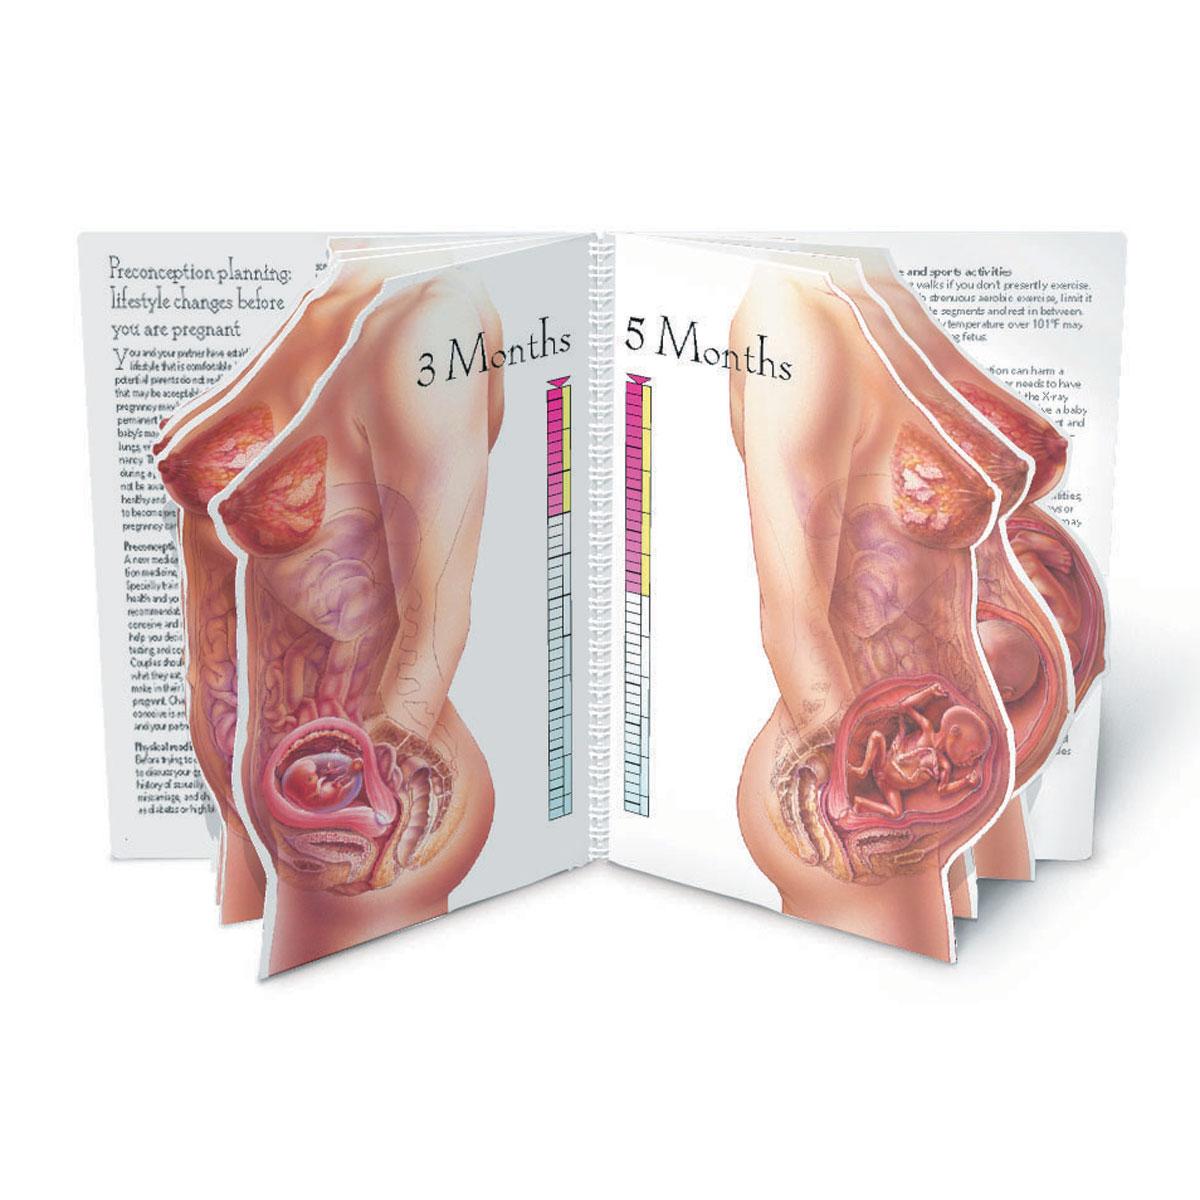 Fein Menschliche Anatomie Schwangerschaft Fotos - Menschliche ...